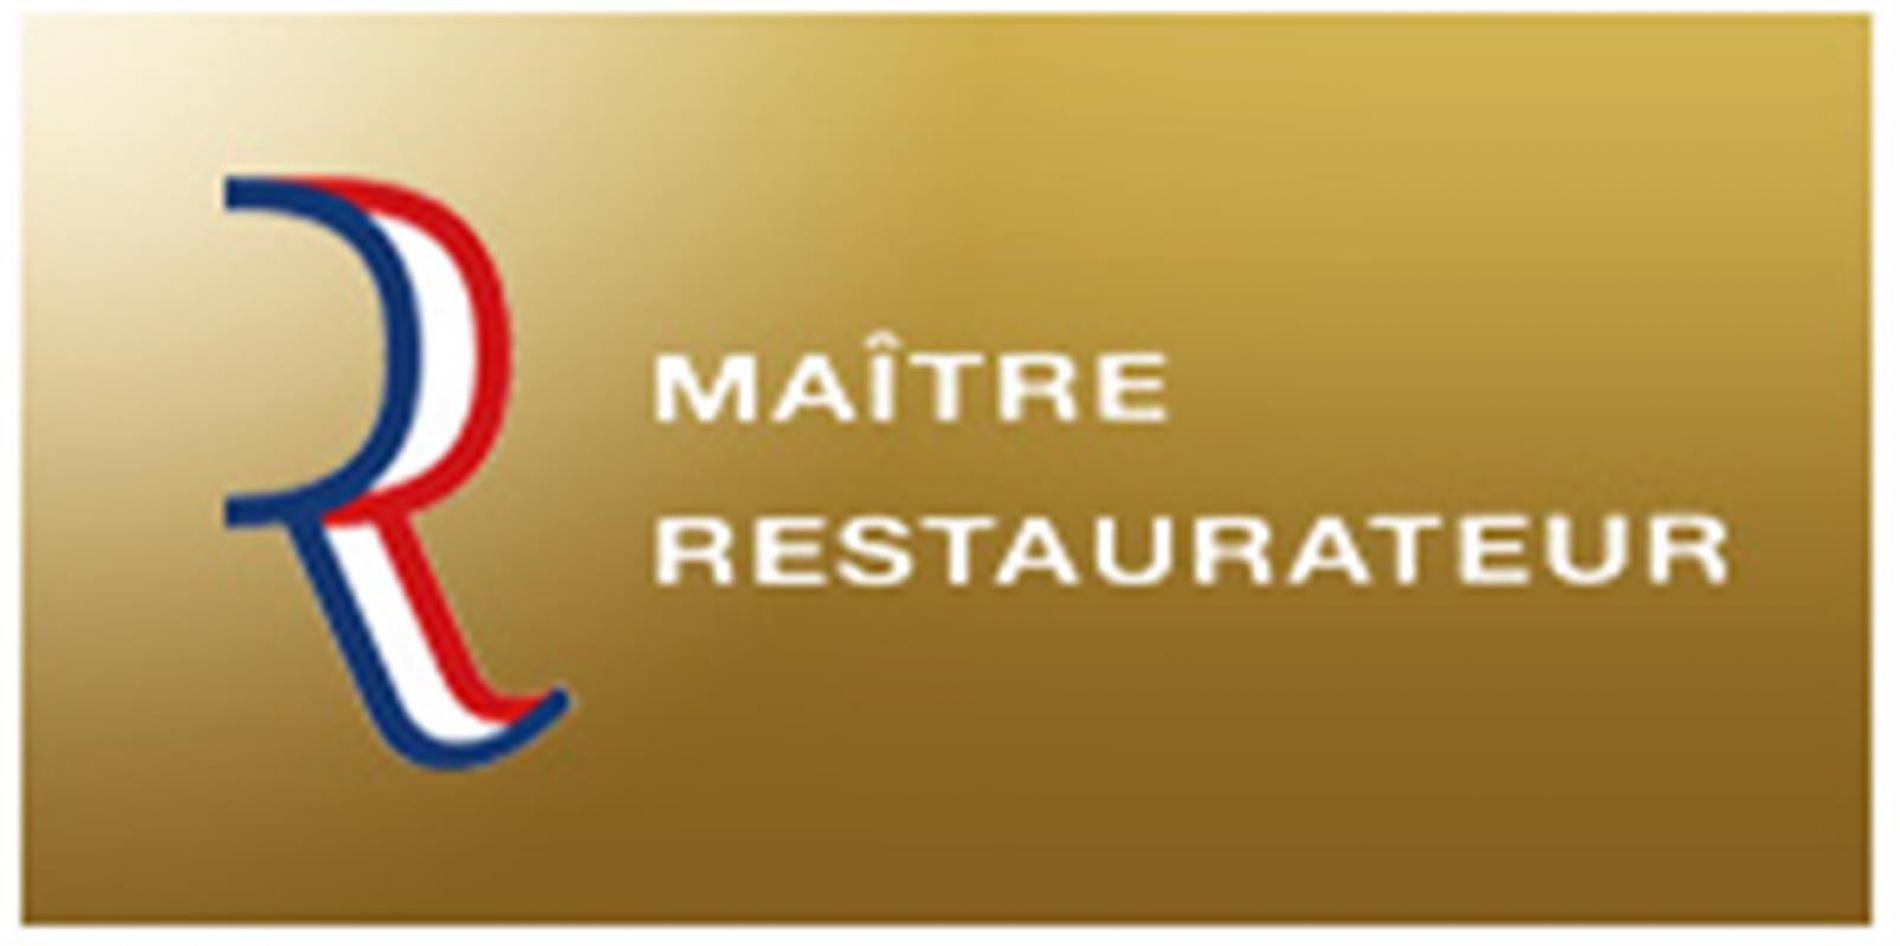 Restaurant Labellisé Maitre Restaurateur